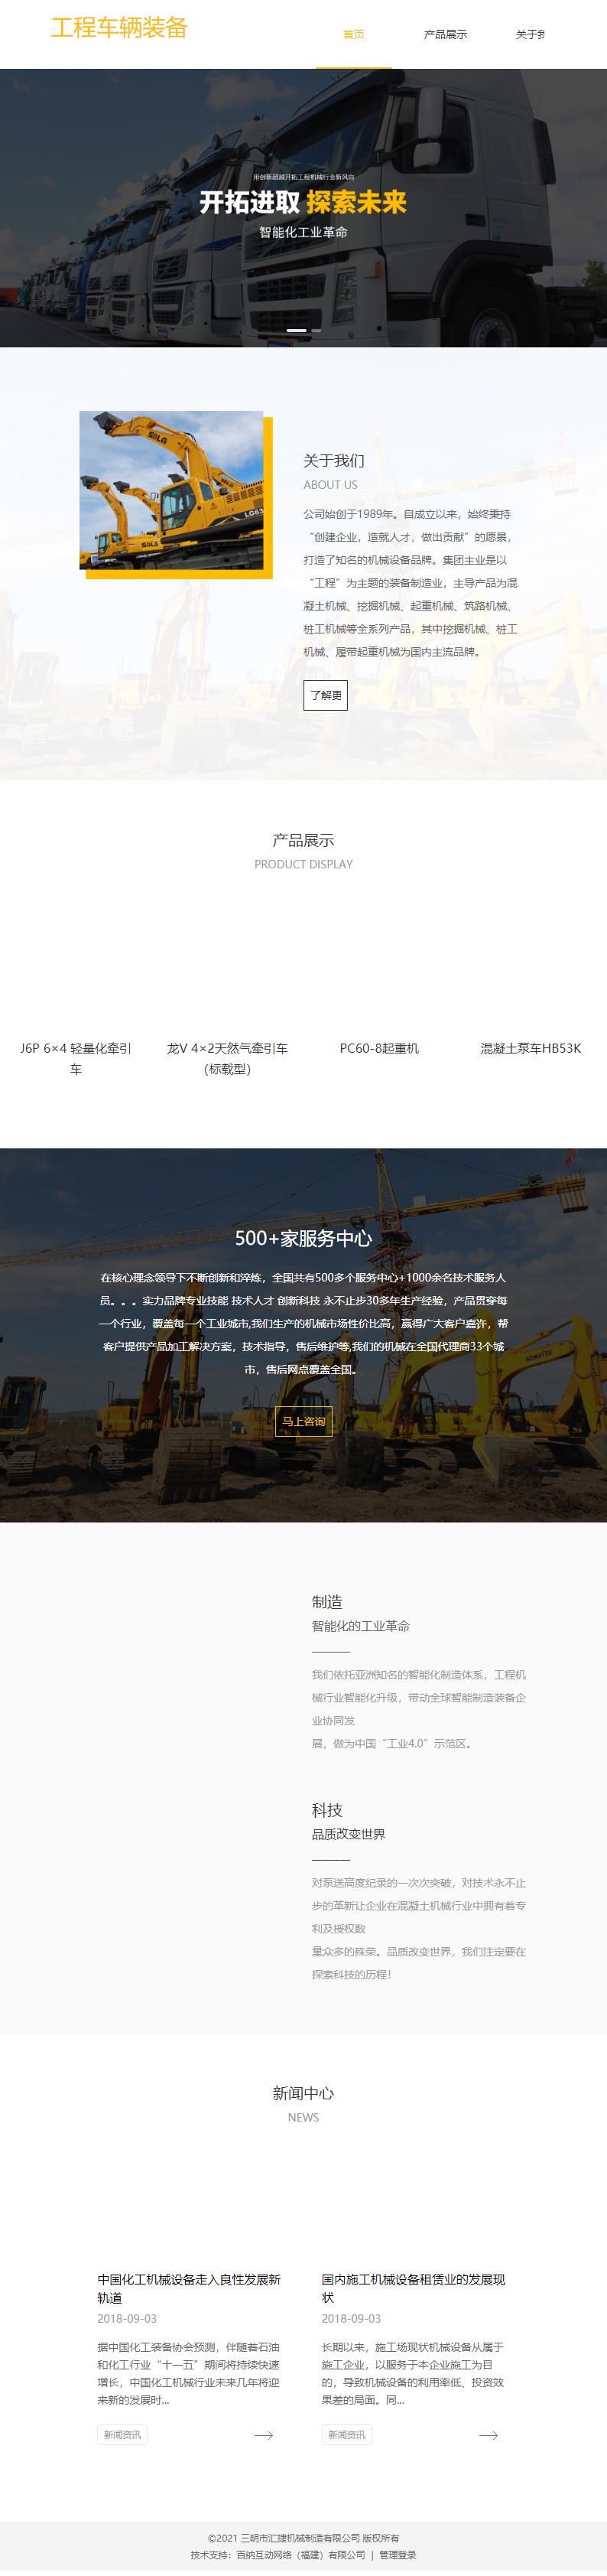 三明市汇捷机械制造有限公司网站案例